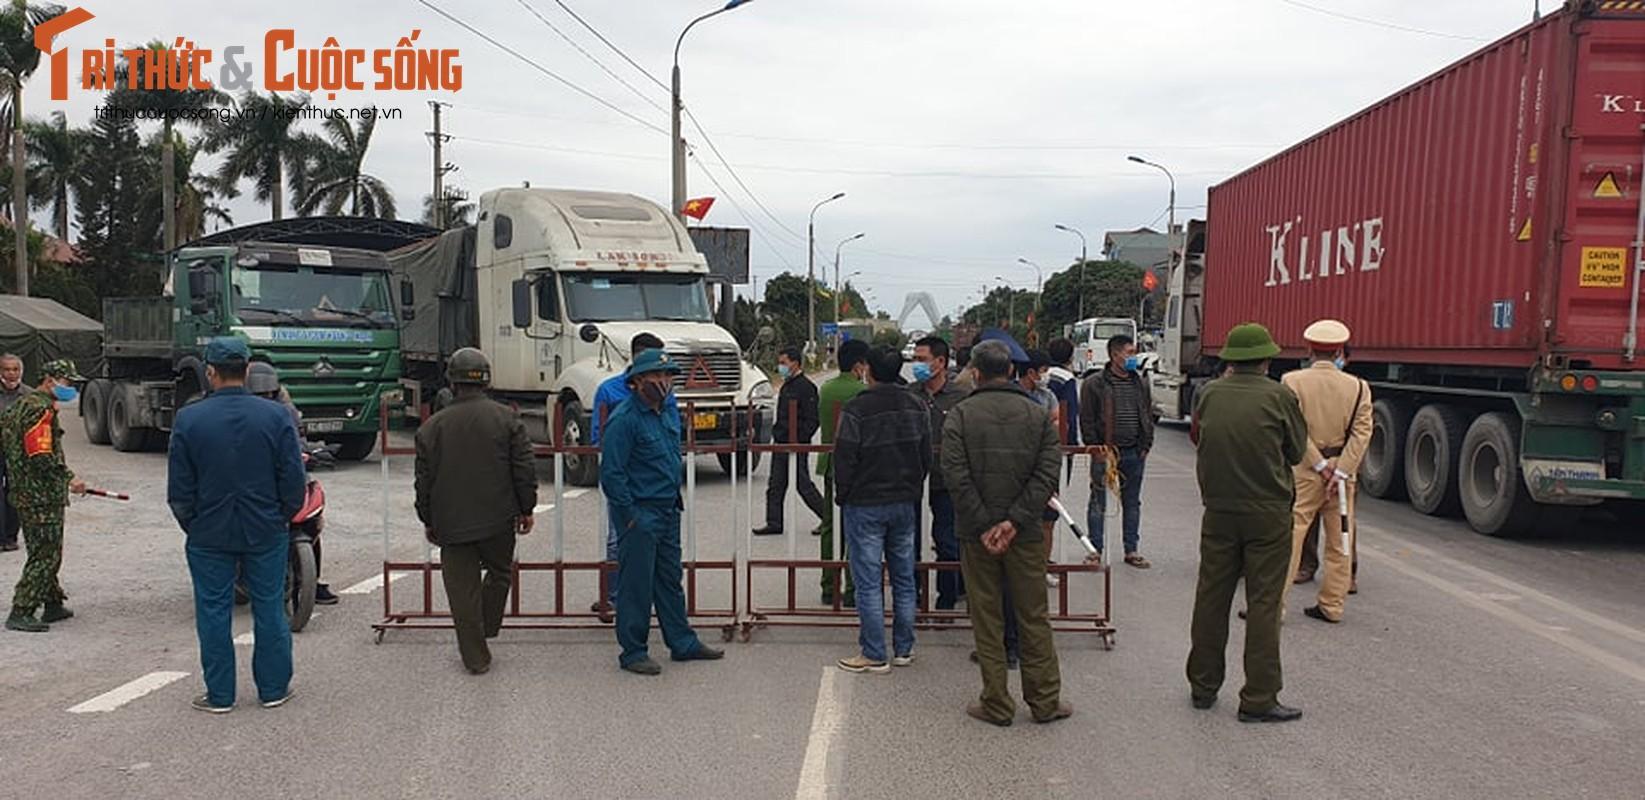 Quang Ninh lap chot kiem dich COVID-19, Quoc lo 18 un u keo dai